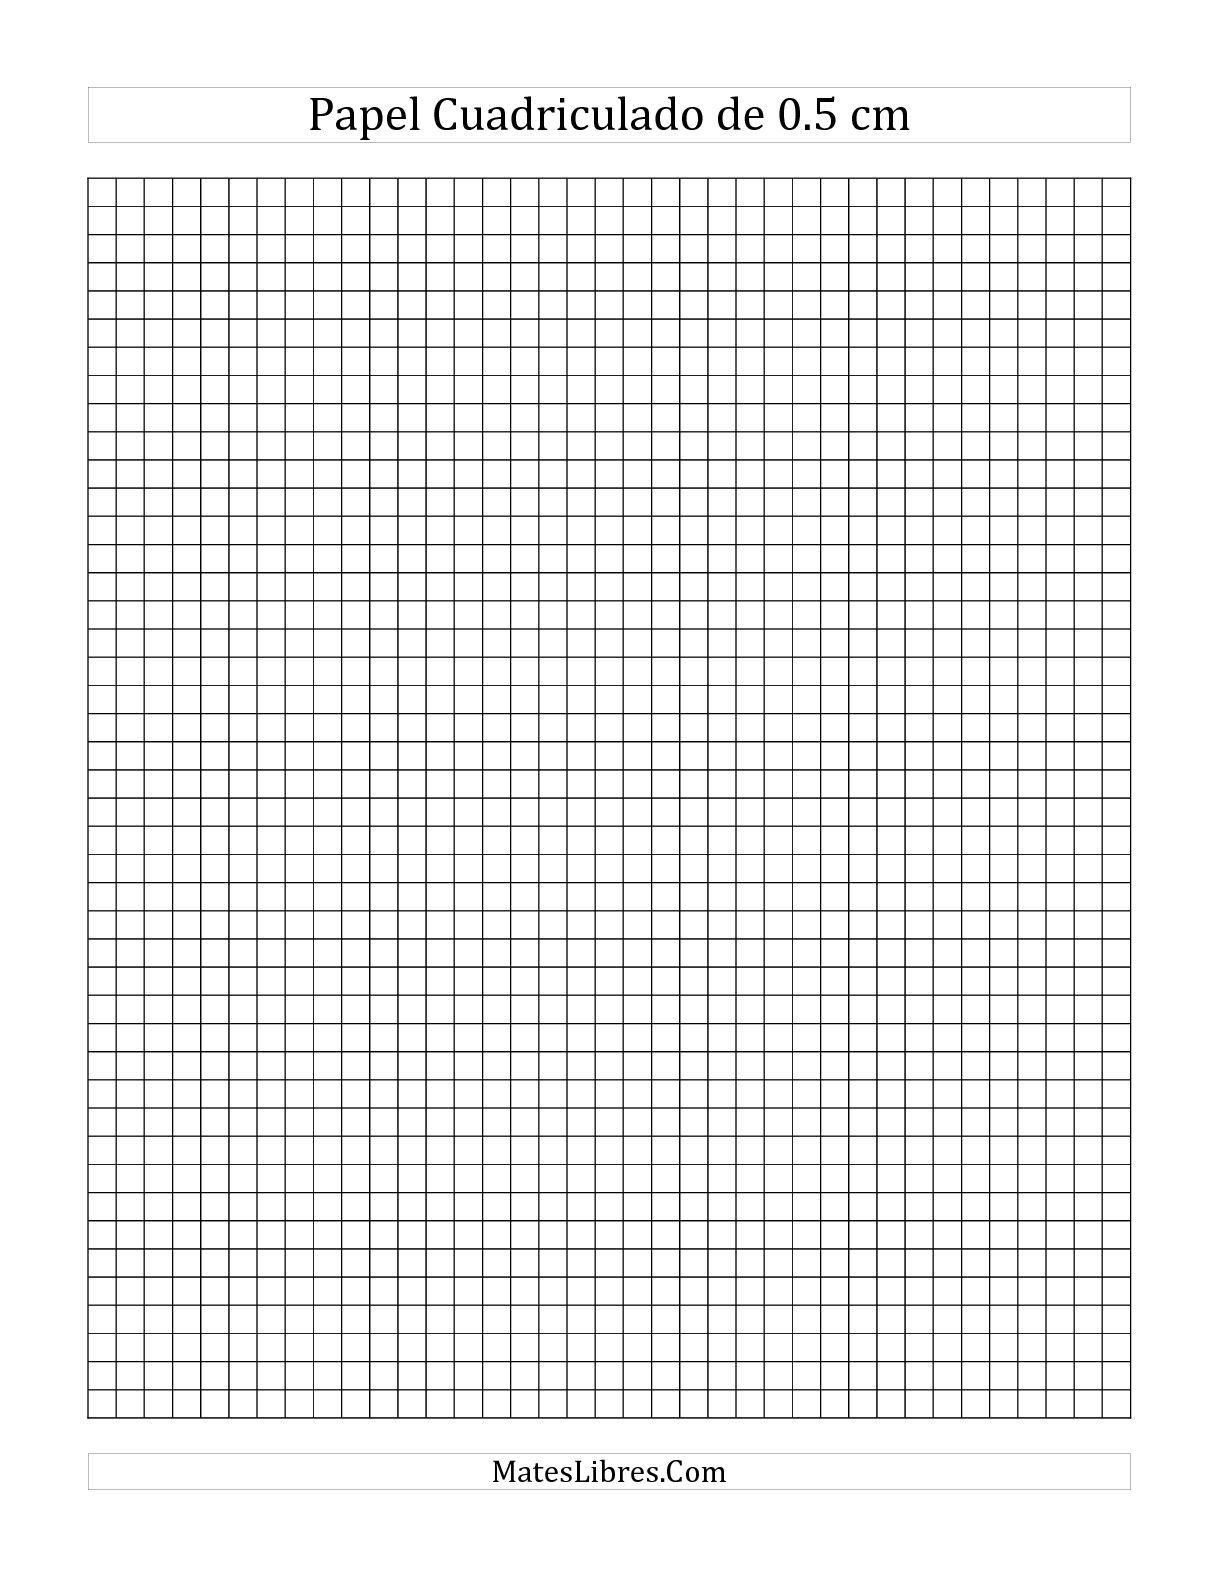 La hoja de ejercicios de matemáticas de Papel Cuadriculado de 0.5 cm ...